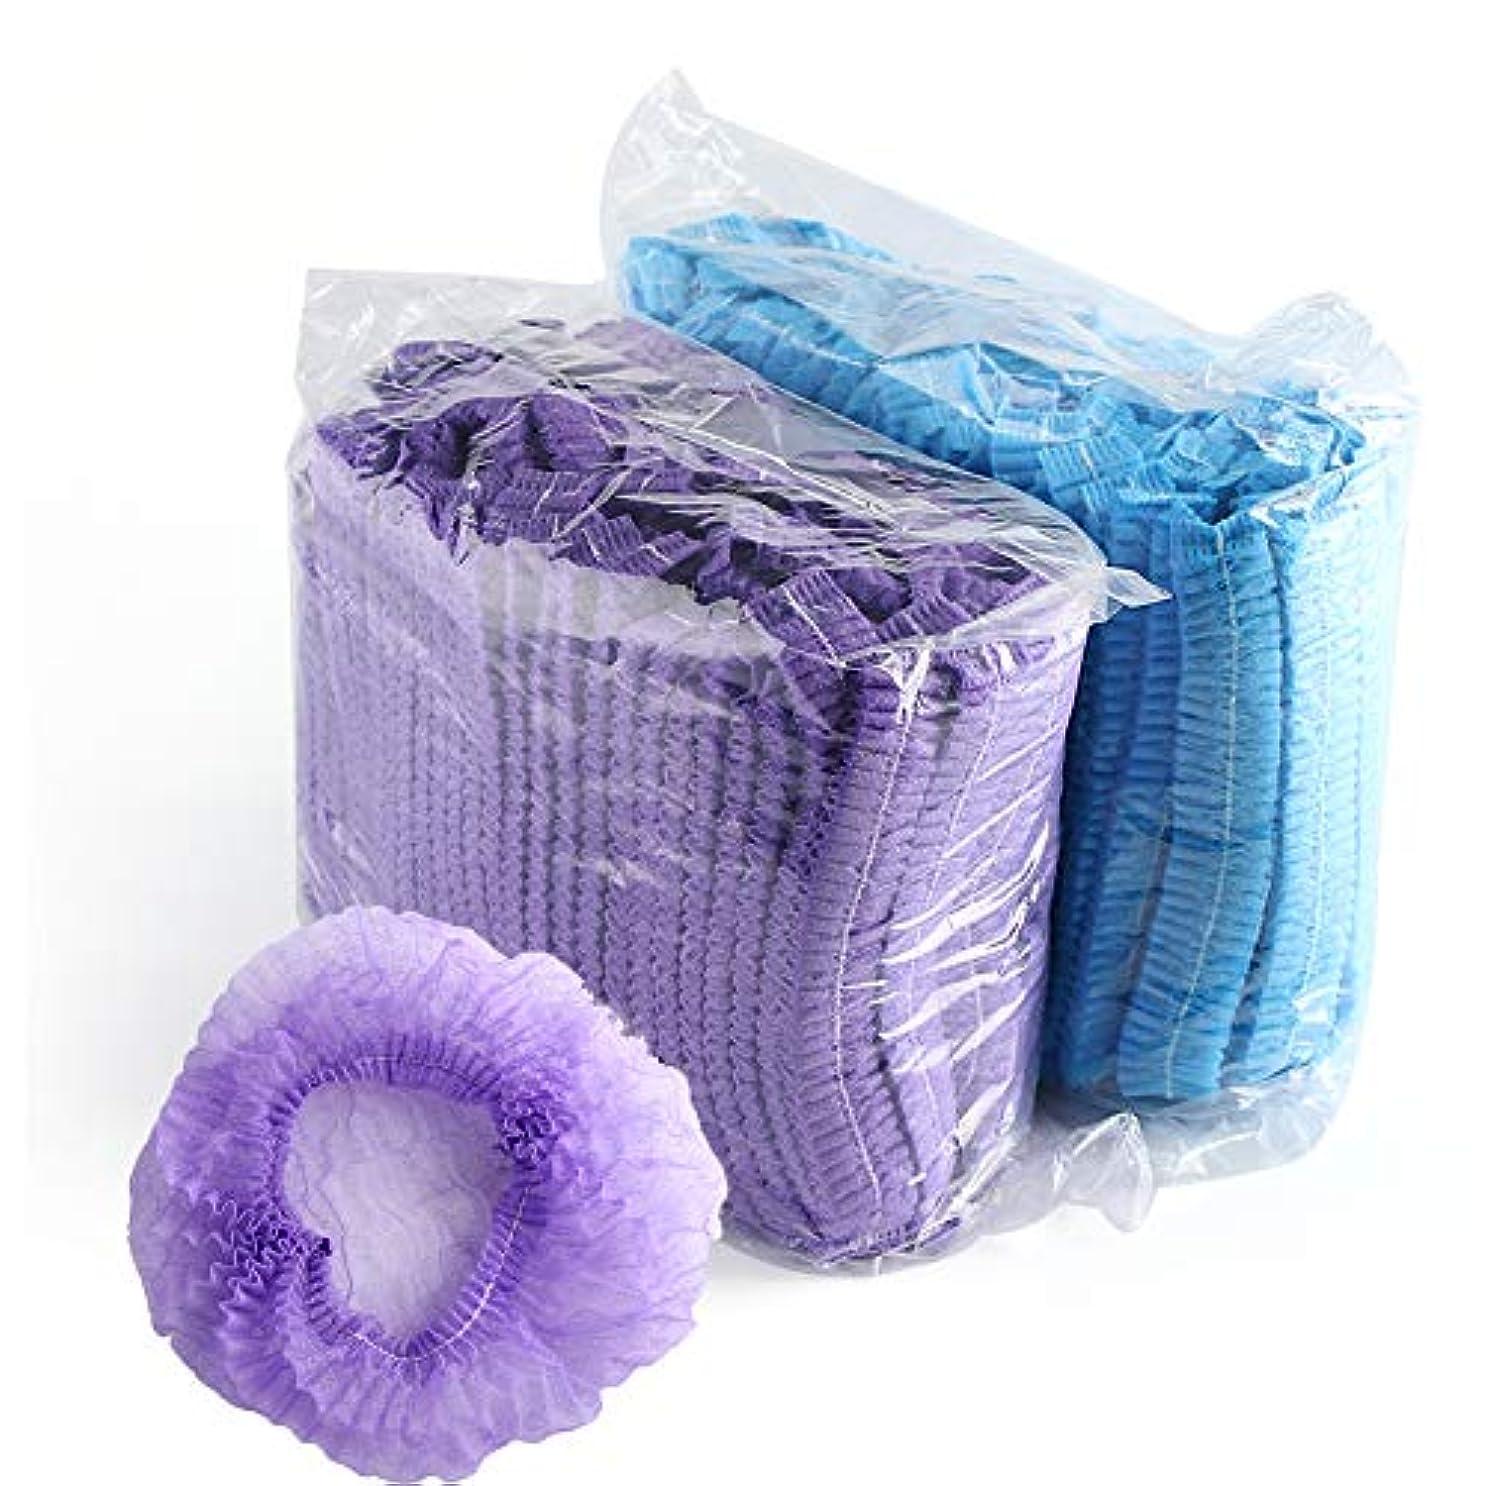 即席ゆでる廃止100ピース使い捨てストリップシャワーキャップ不織布シャワーキャップホテルシャワーキャップ染めヘアキャップ防水クリーニング美容サロンタトゥー帽子 (Blue)